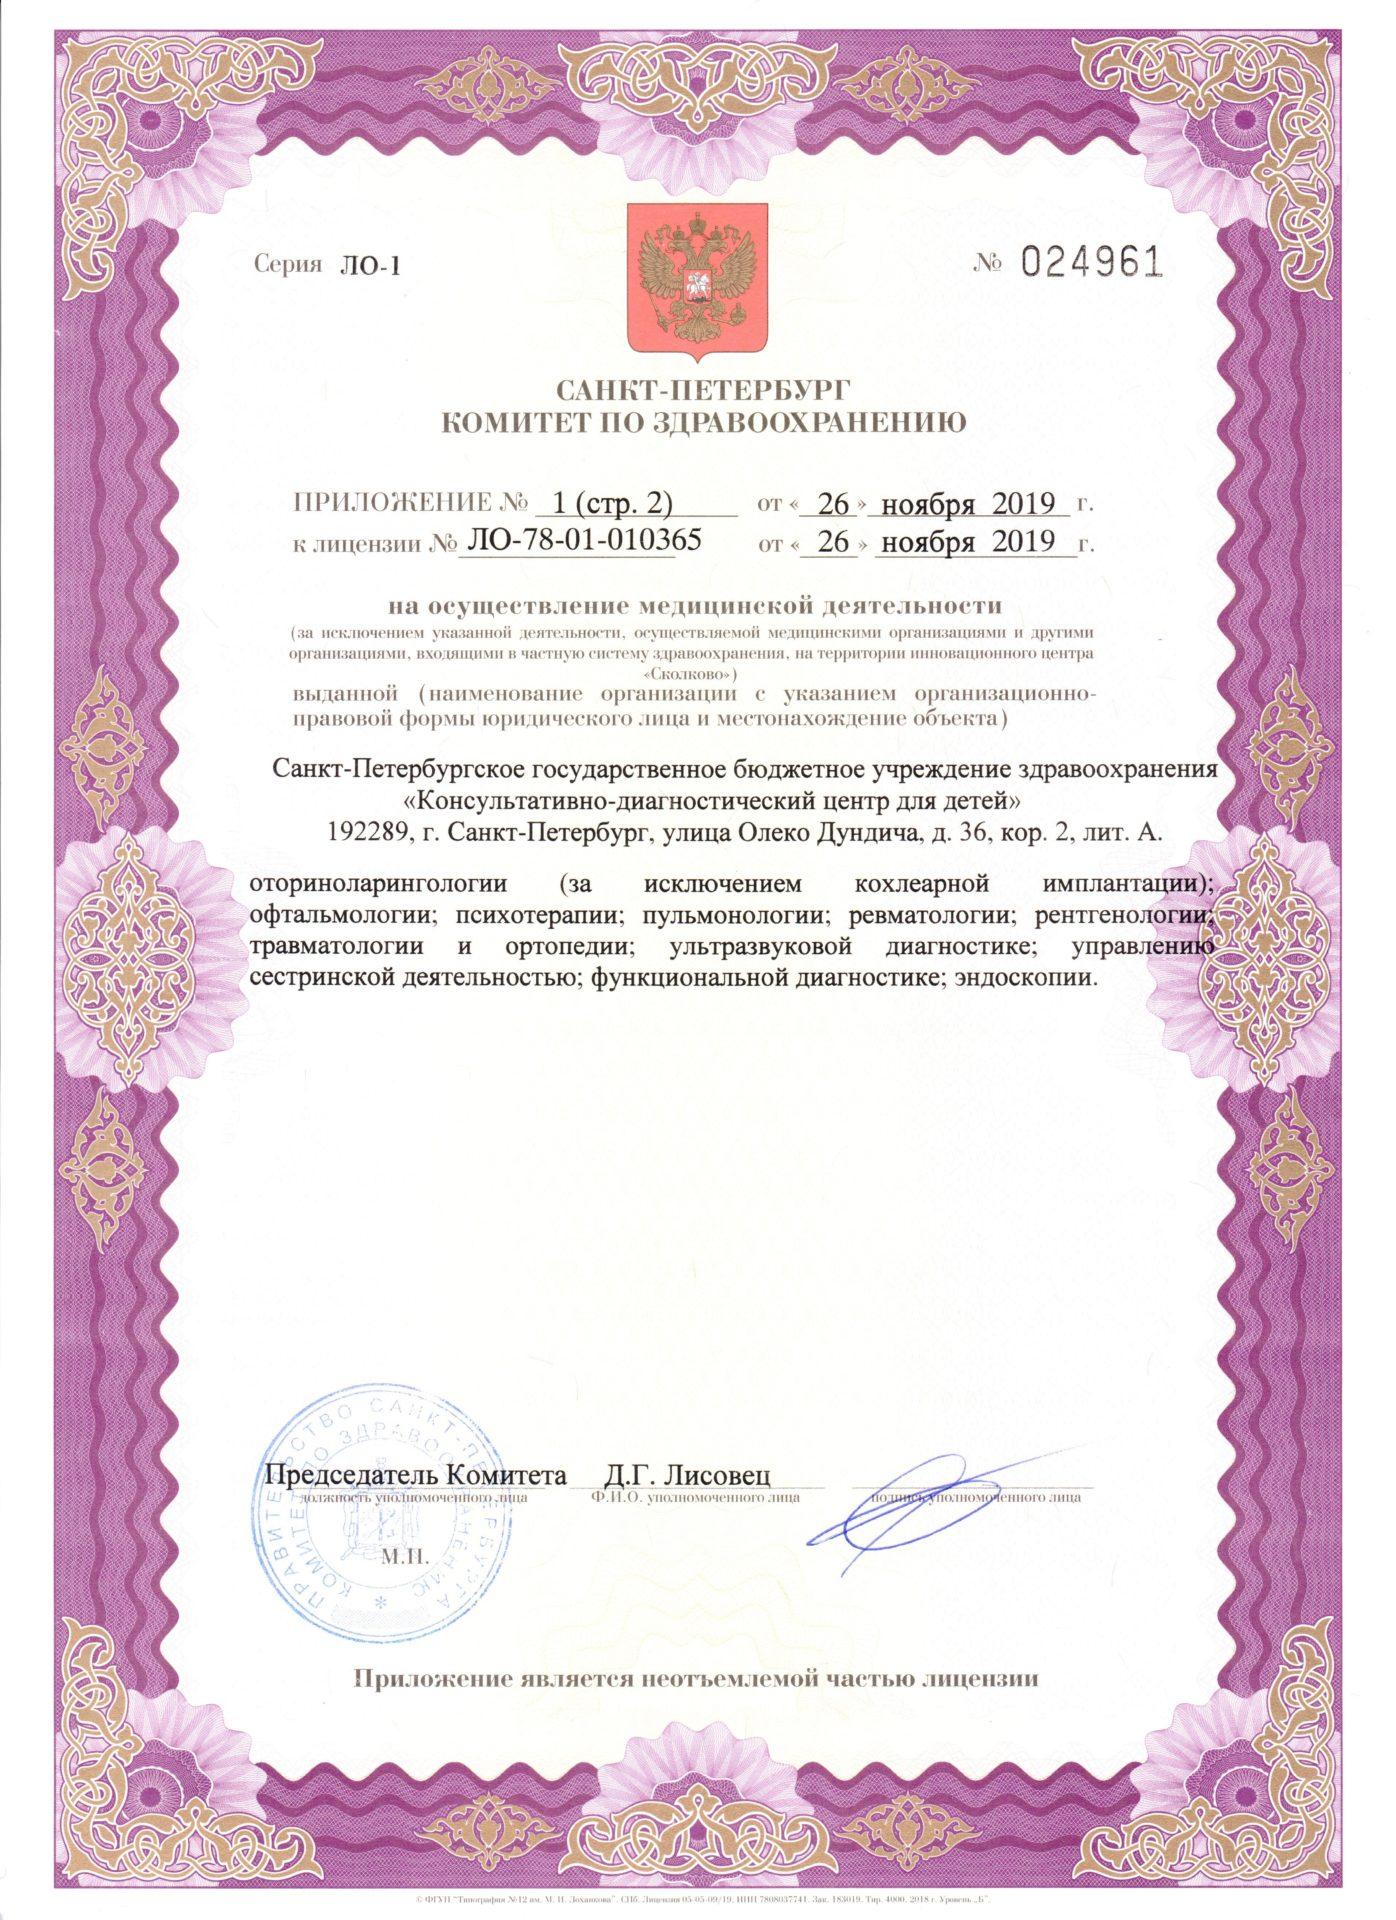 Лицензия на осуществление медицинской деятельности. Приложение 1.стр.2